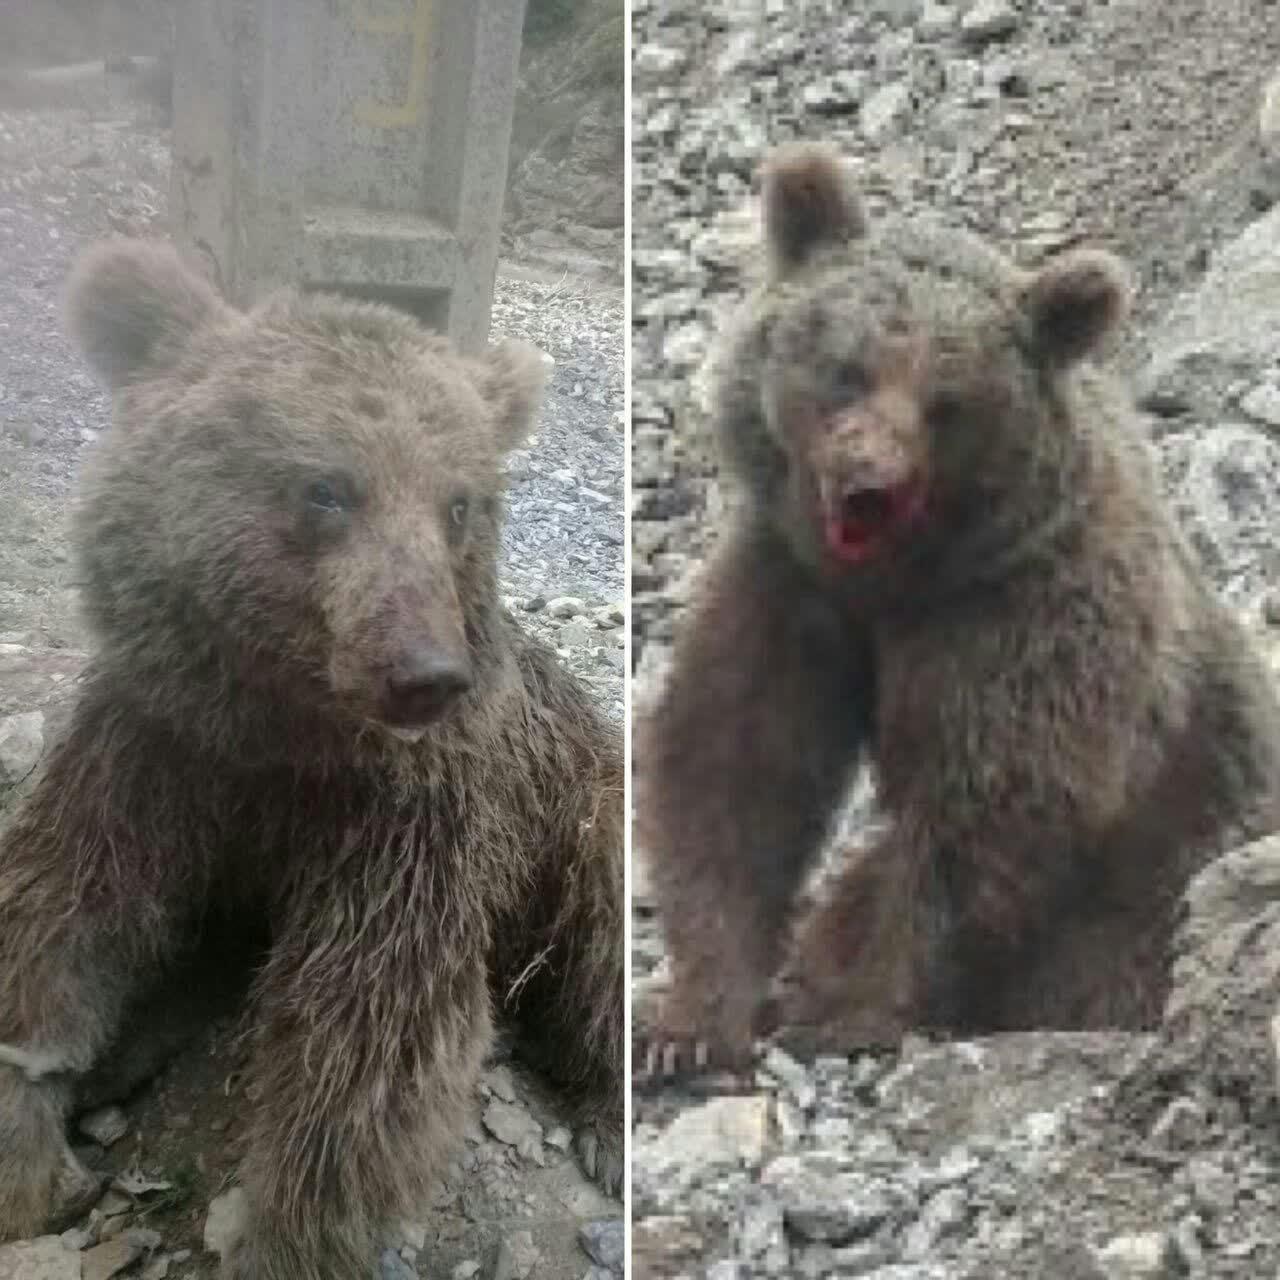 محیطزیست سوادکوه نسبت به حکم تبرئه خرس کشها اعتراض کرد